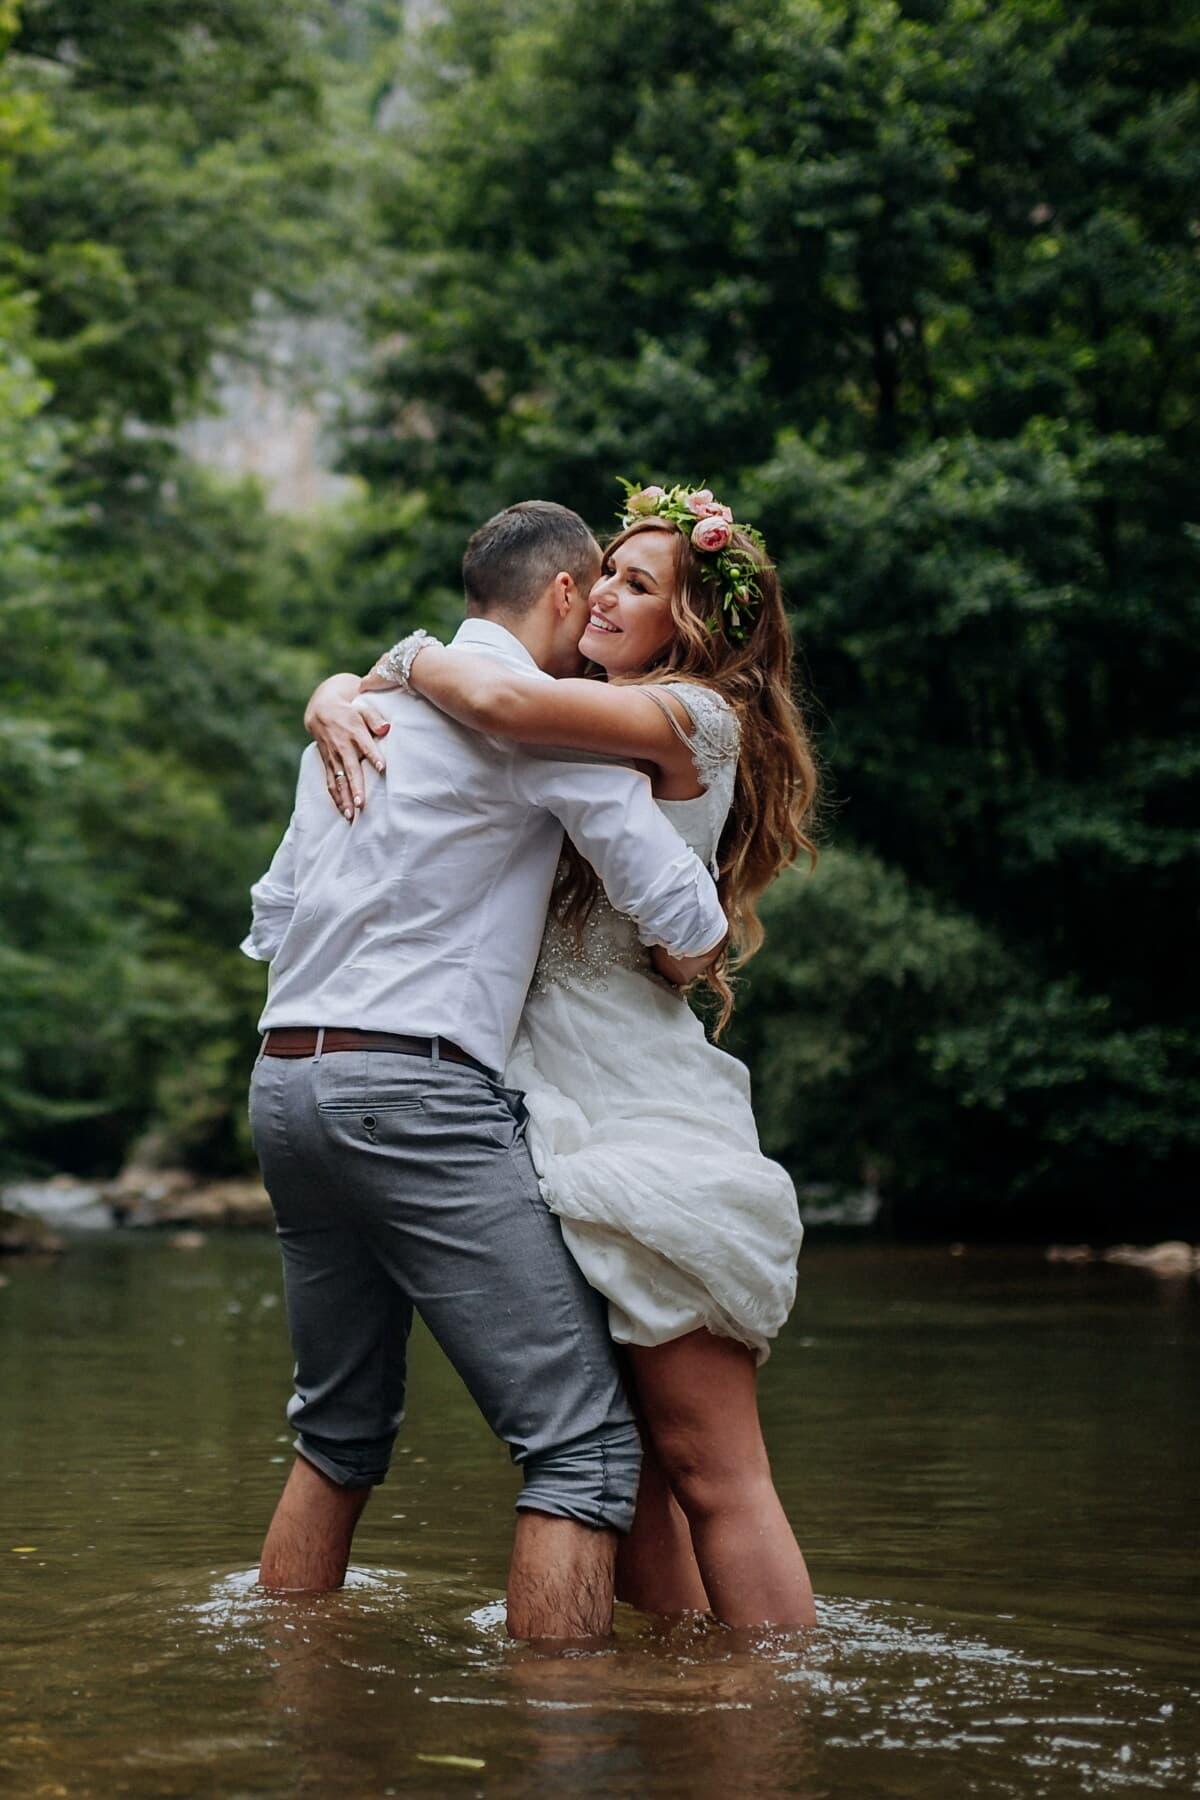 enjoyment, love, man, standing, woman, river, romance, nature, outdoors, summer